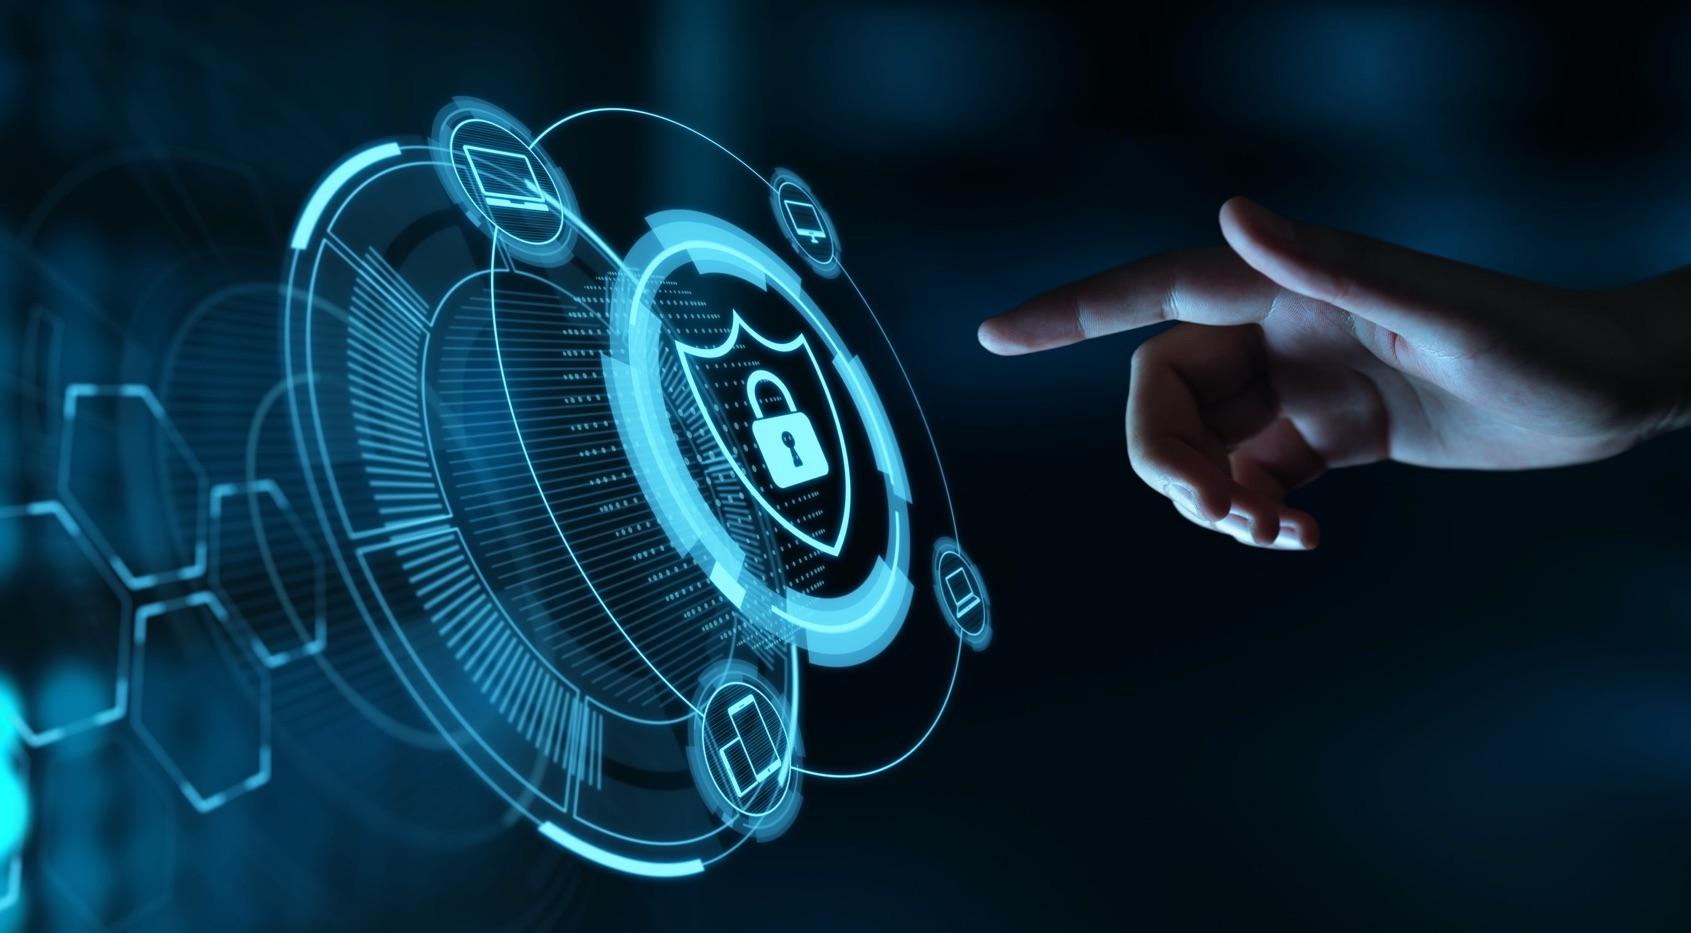 Mengenal Open Security Foundation, Organisasi yang Jaga Keamanan di Judi Slot Online